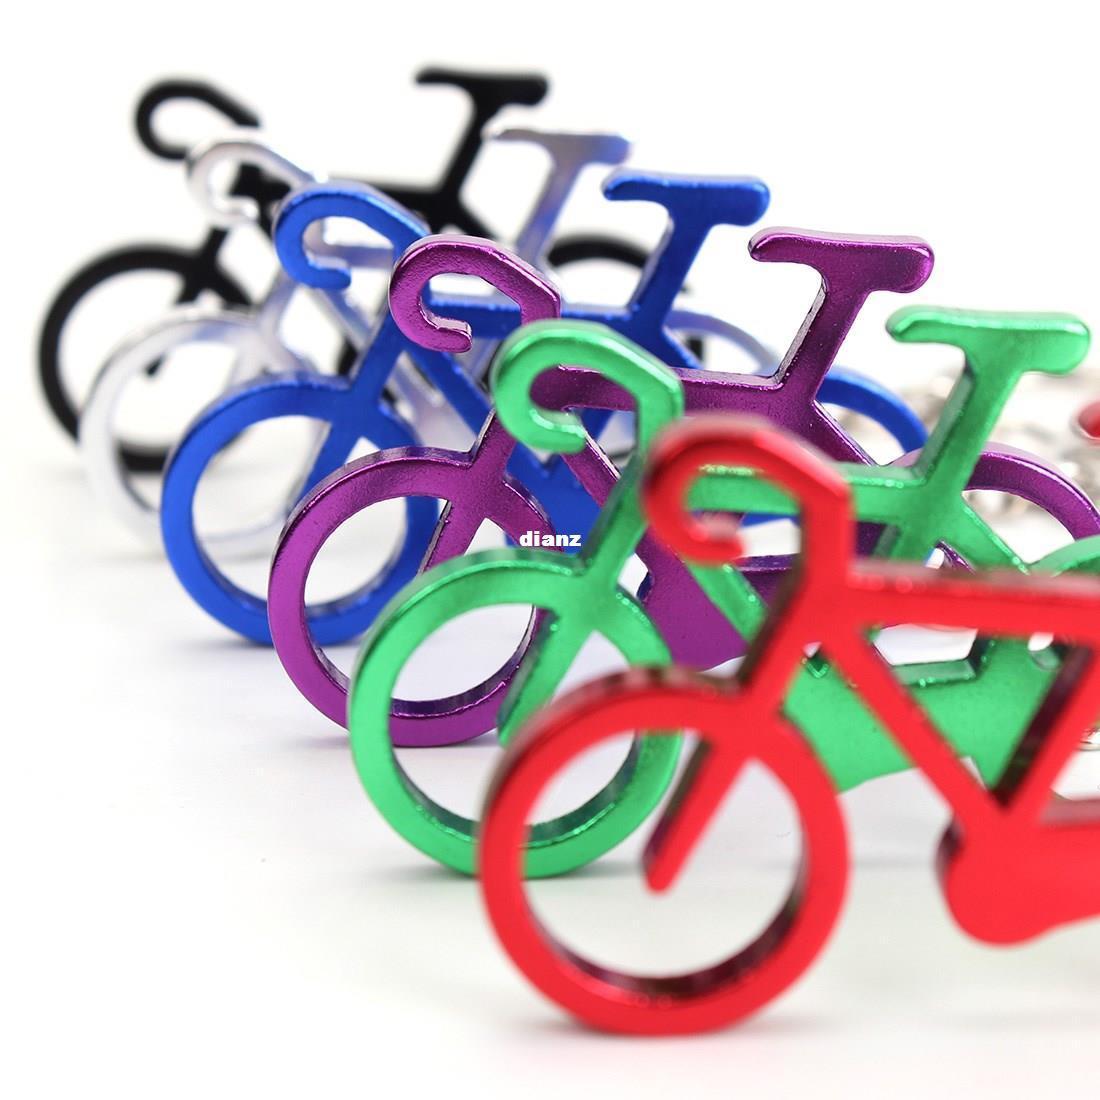 Mode chaud nouveauté vélo vélo Keychain Porte-bouteille de vin bière ouvre outil 6 couleurs